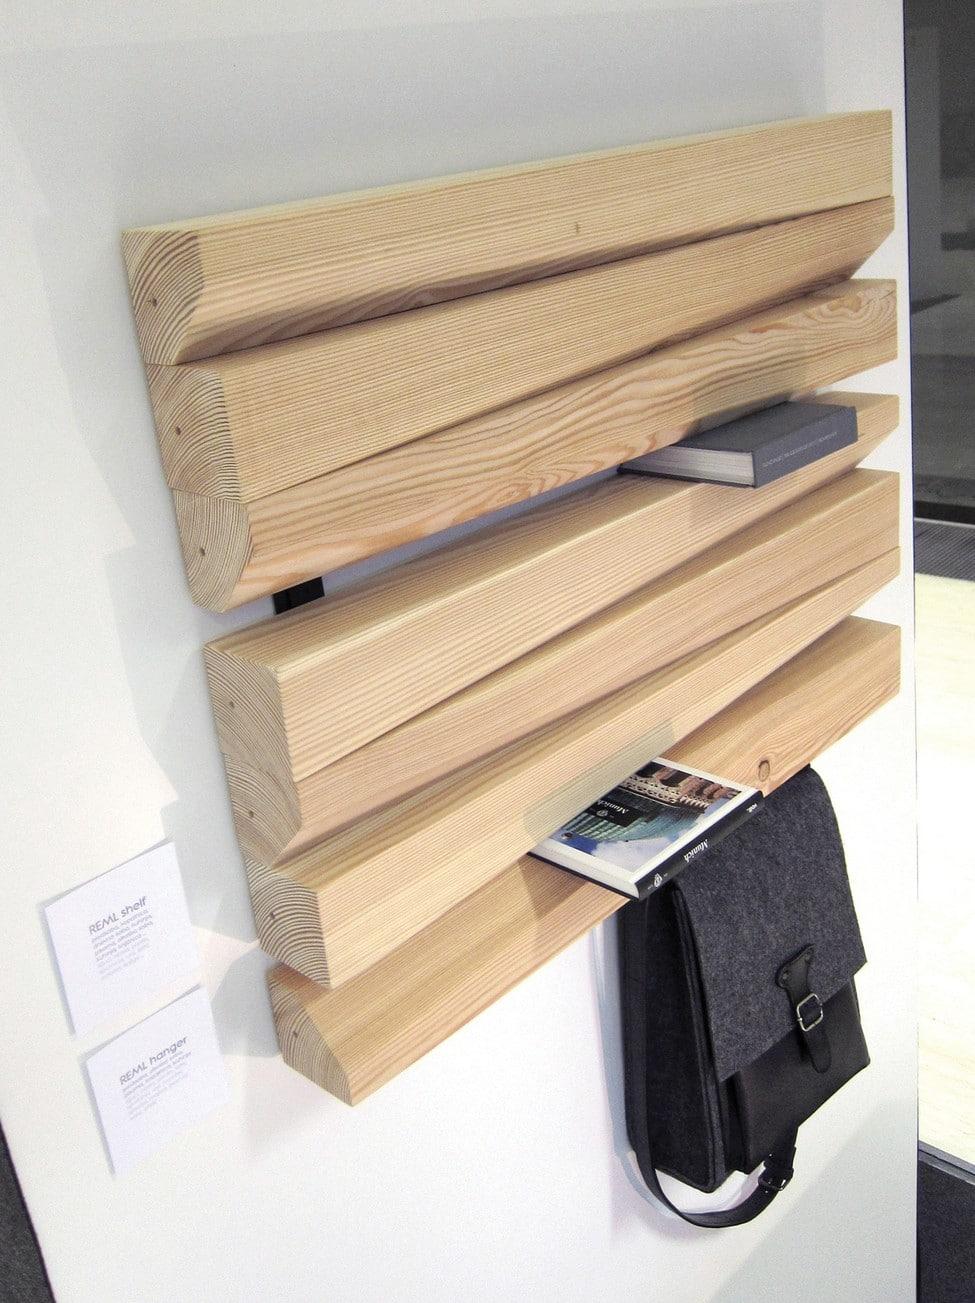 Dise o de estante de madera estanter a moderna y versatil - Estanterias pequenas de madera ...